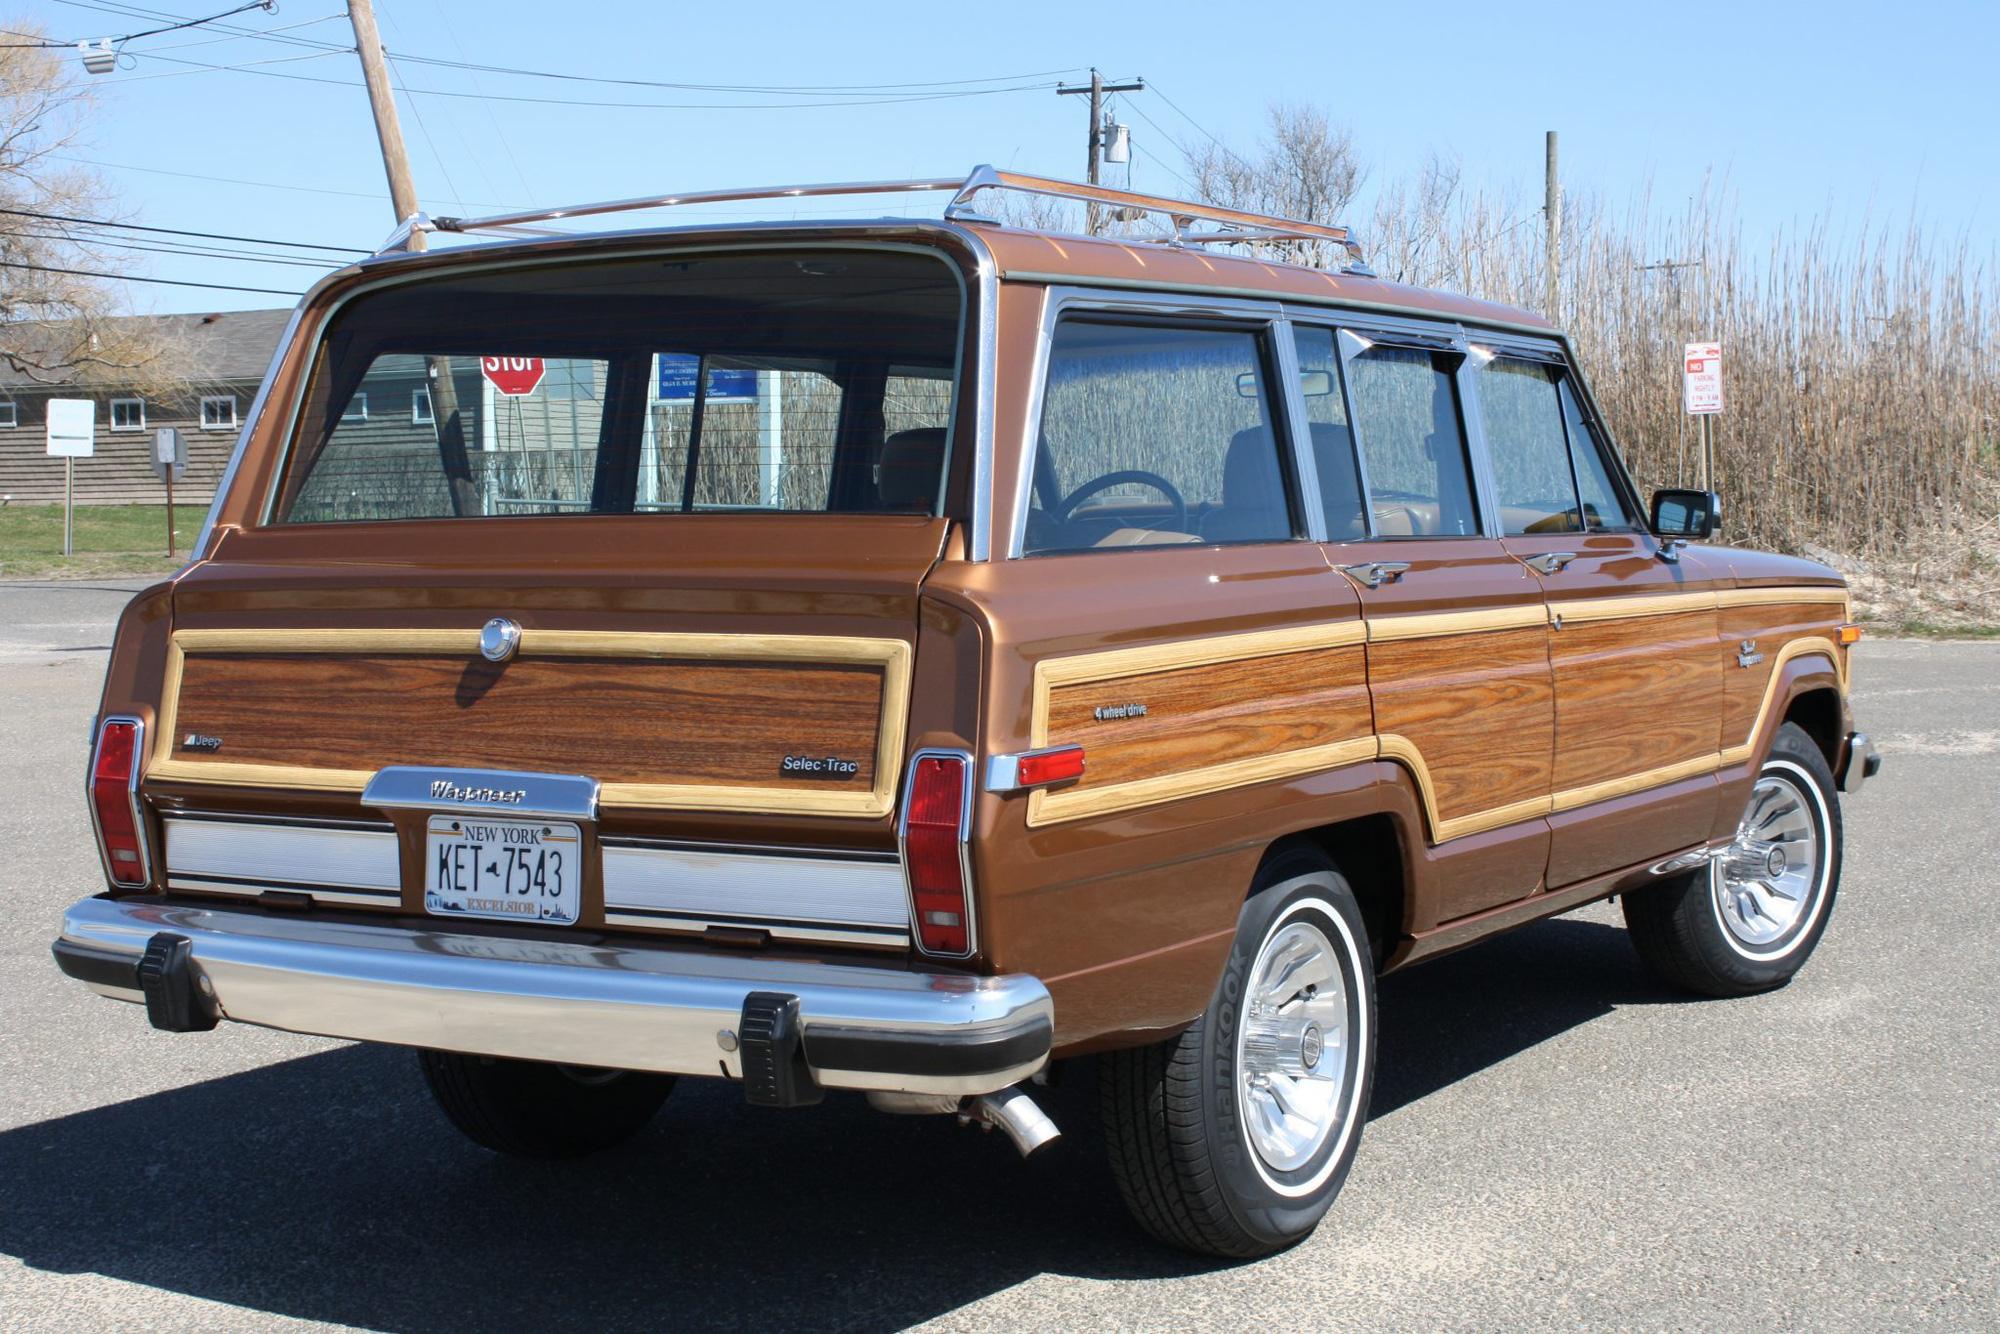 Jeep vừa hồi sinh dòng Wagoneer ốp gỗ cổ điển sau 30 năm - Ảnh 4.